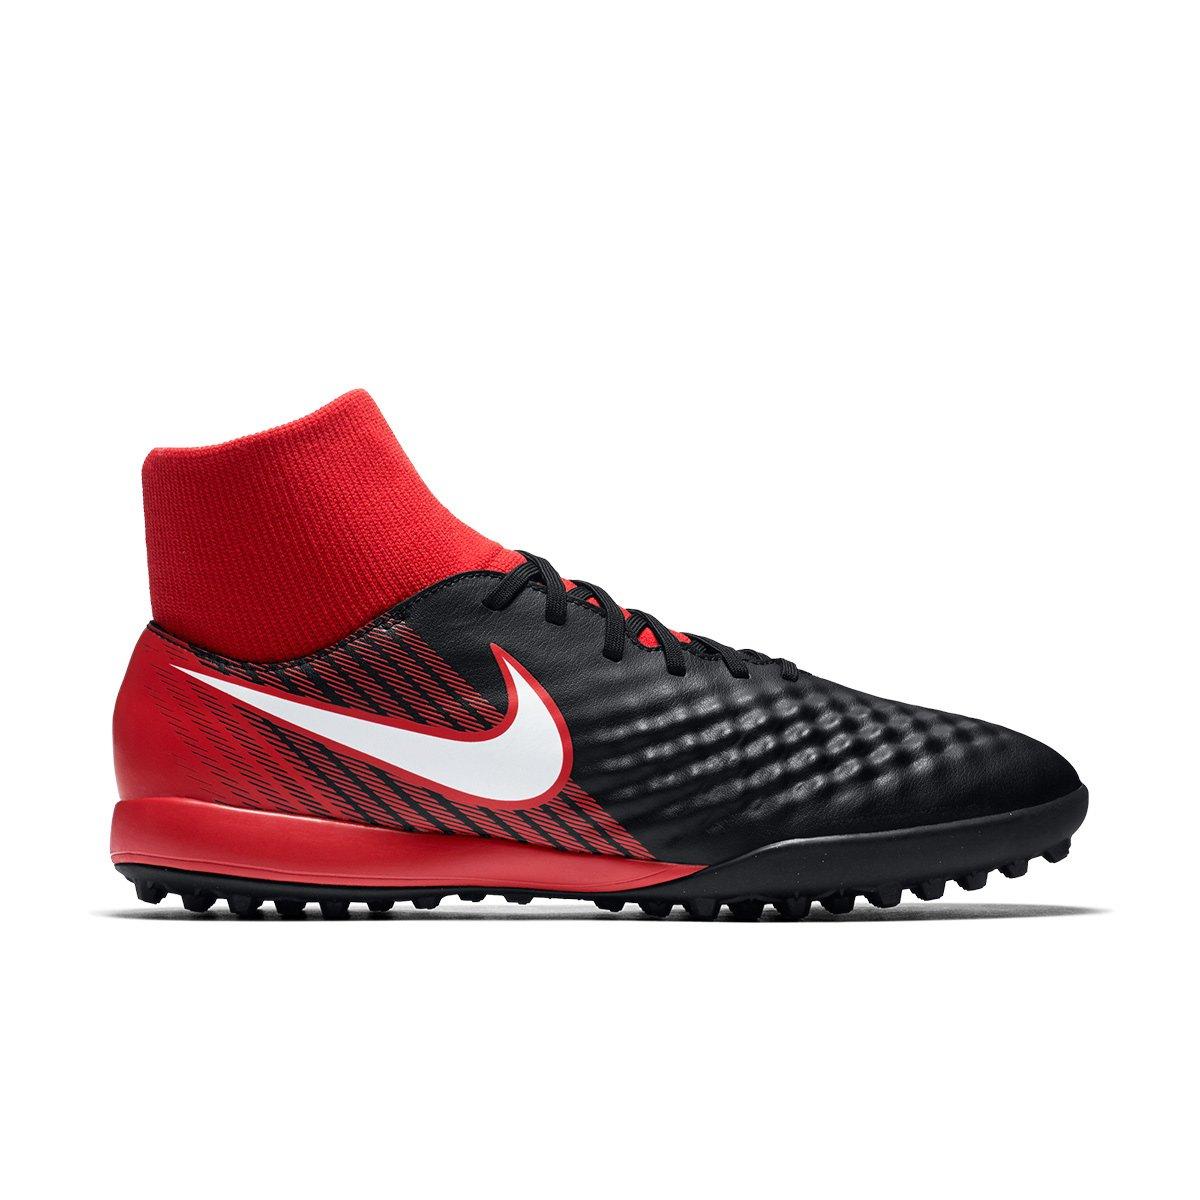 d18654c1a79 Chuteira Society Nike Magista Onda 2 DF TF - Compre Agora